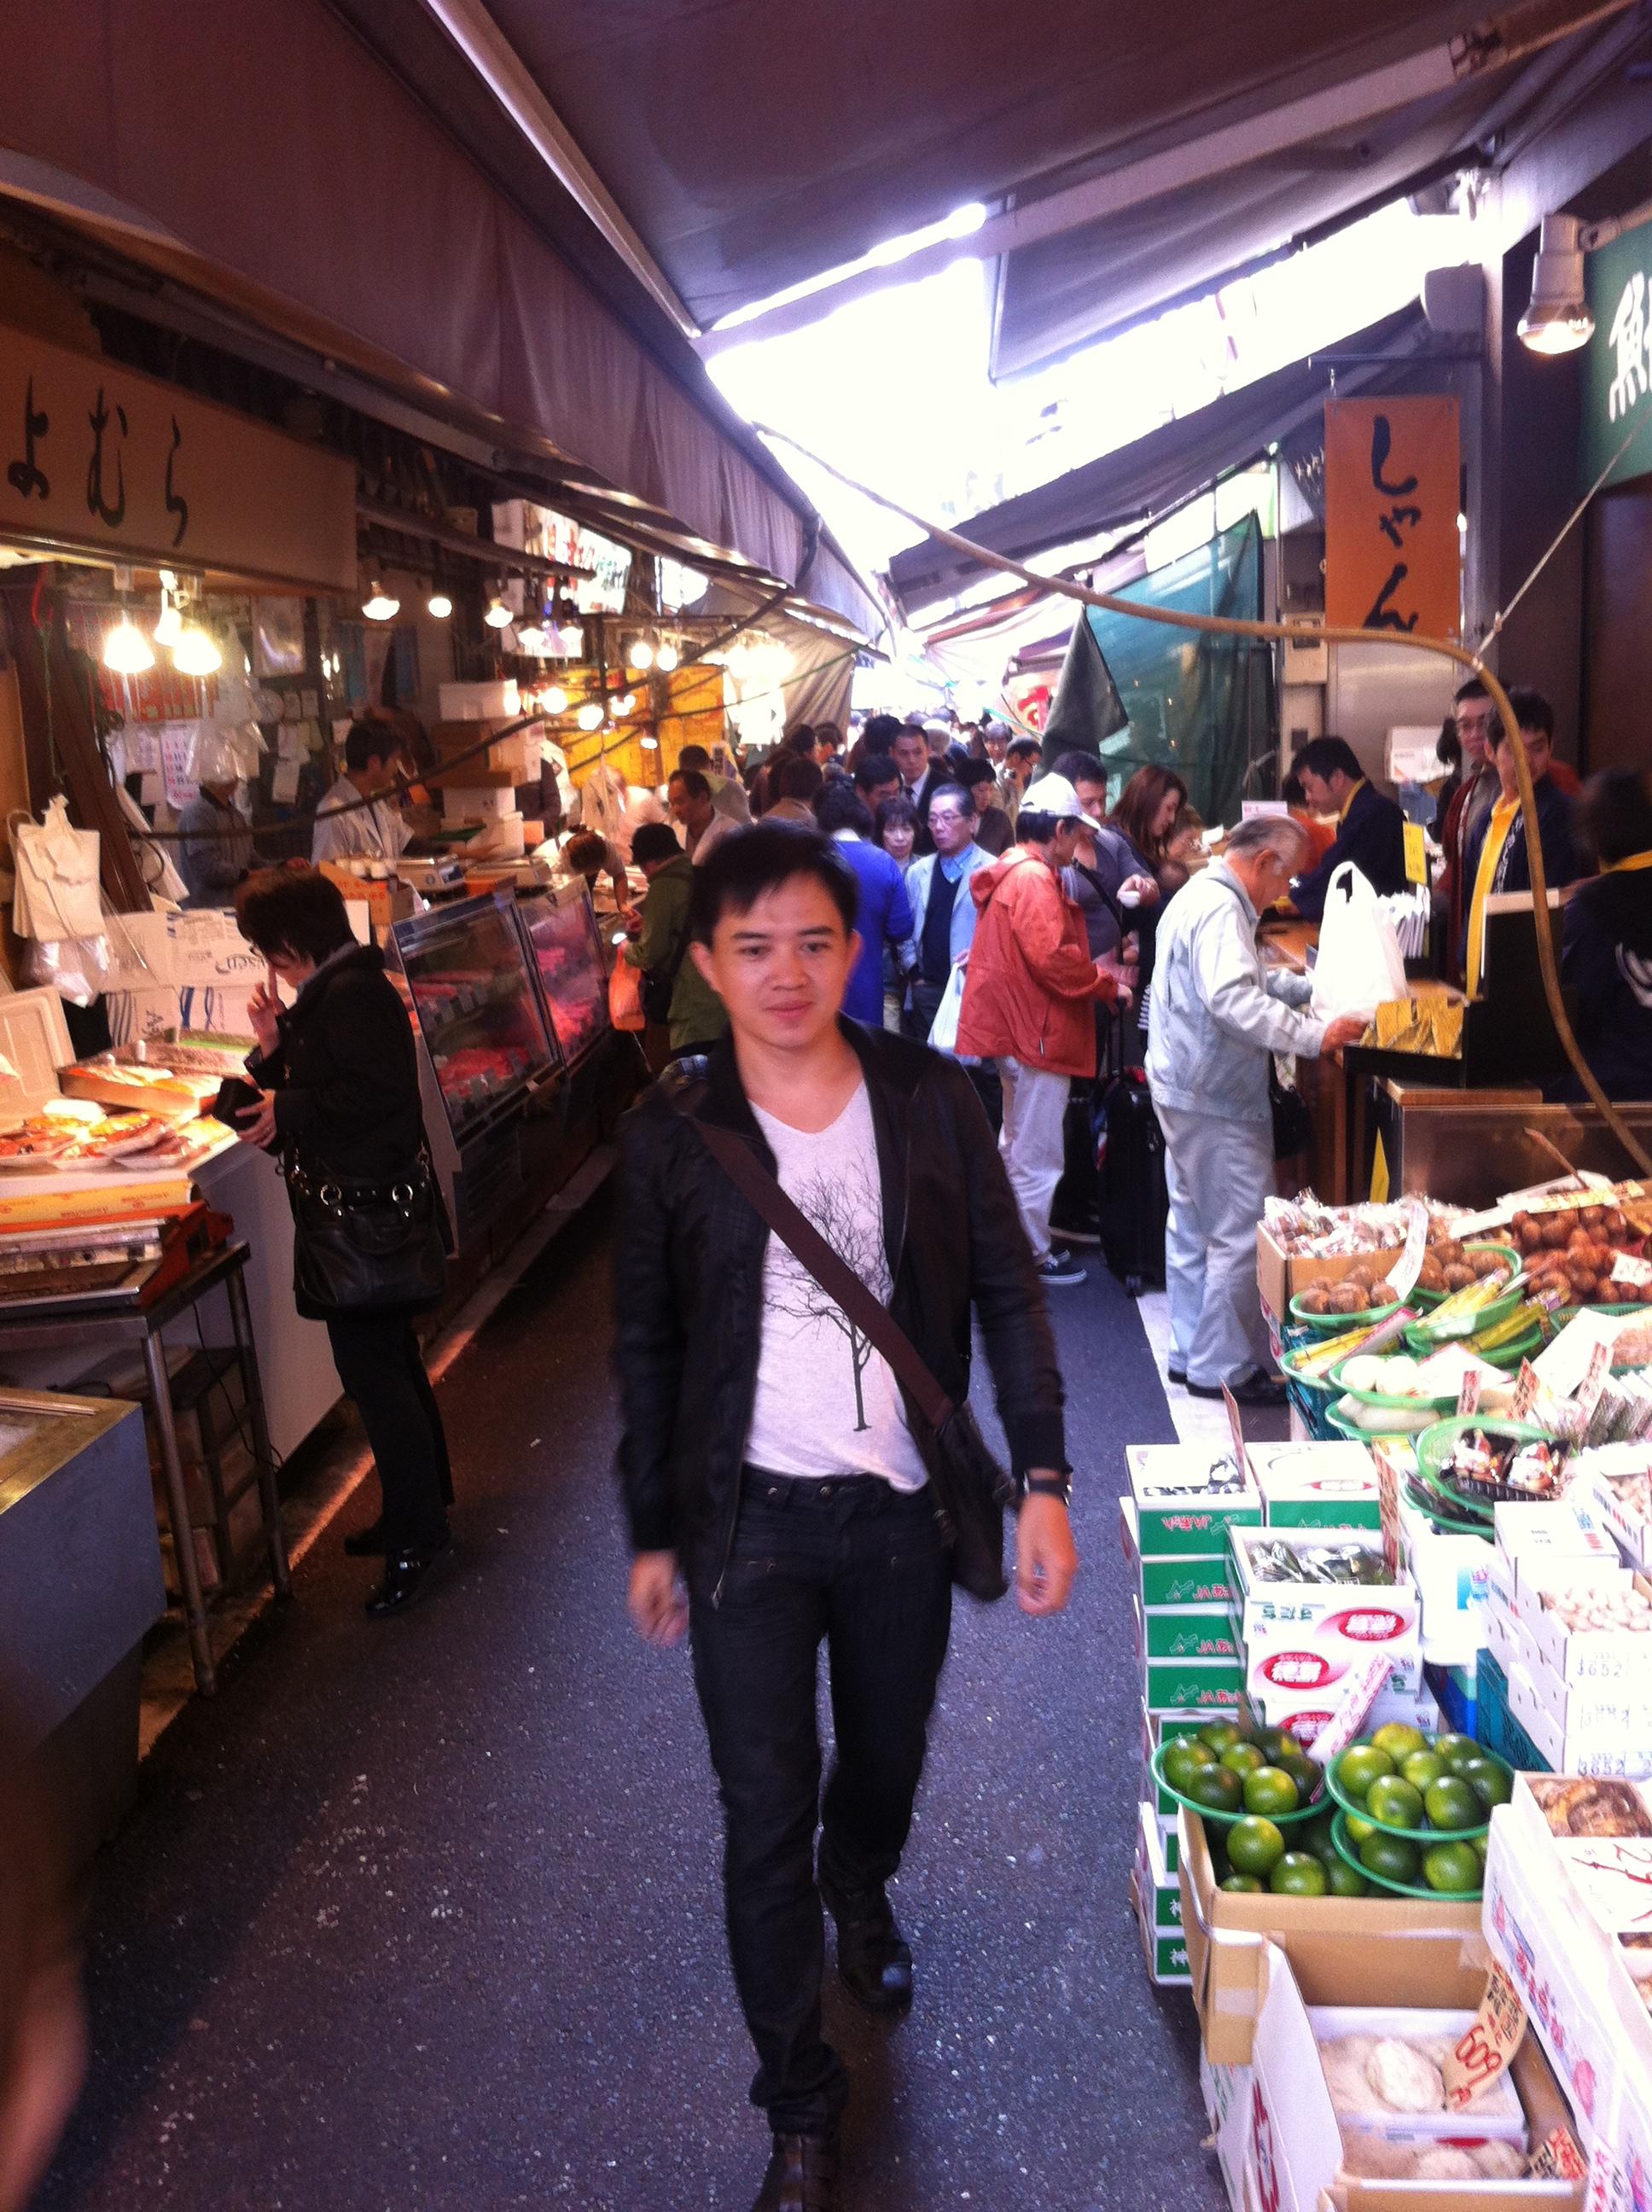 ,เส้นทางญี่ปุ่นโตเกียว,เที่ยวญี่ปุ่นที่ไหนดี,รีวิวโตเกียว,โตเกียวญี่ปุ่นพันทิบ,ตลาดปลาสึกิจิร้านอร่อย,ร้านอาหารโตเกียว,อะคิตะอินุ,ฮะจิโคสุนัขกตัญญู,เ